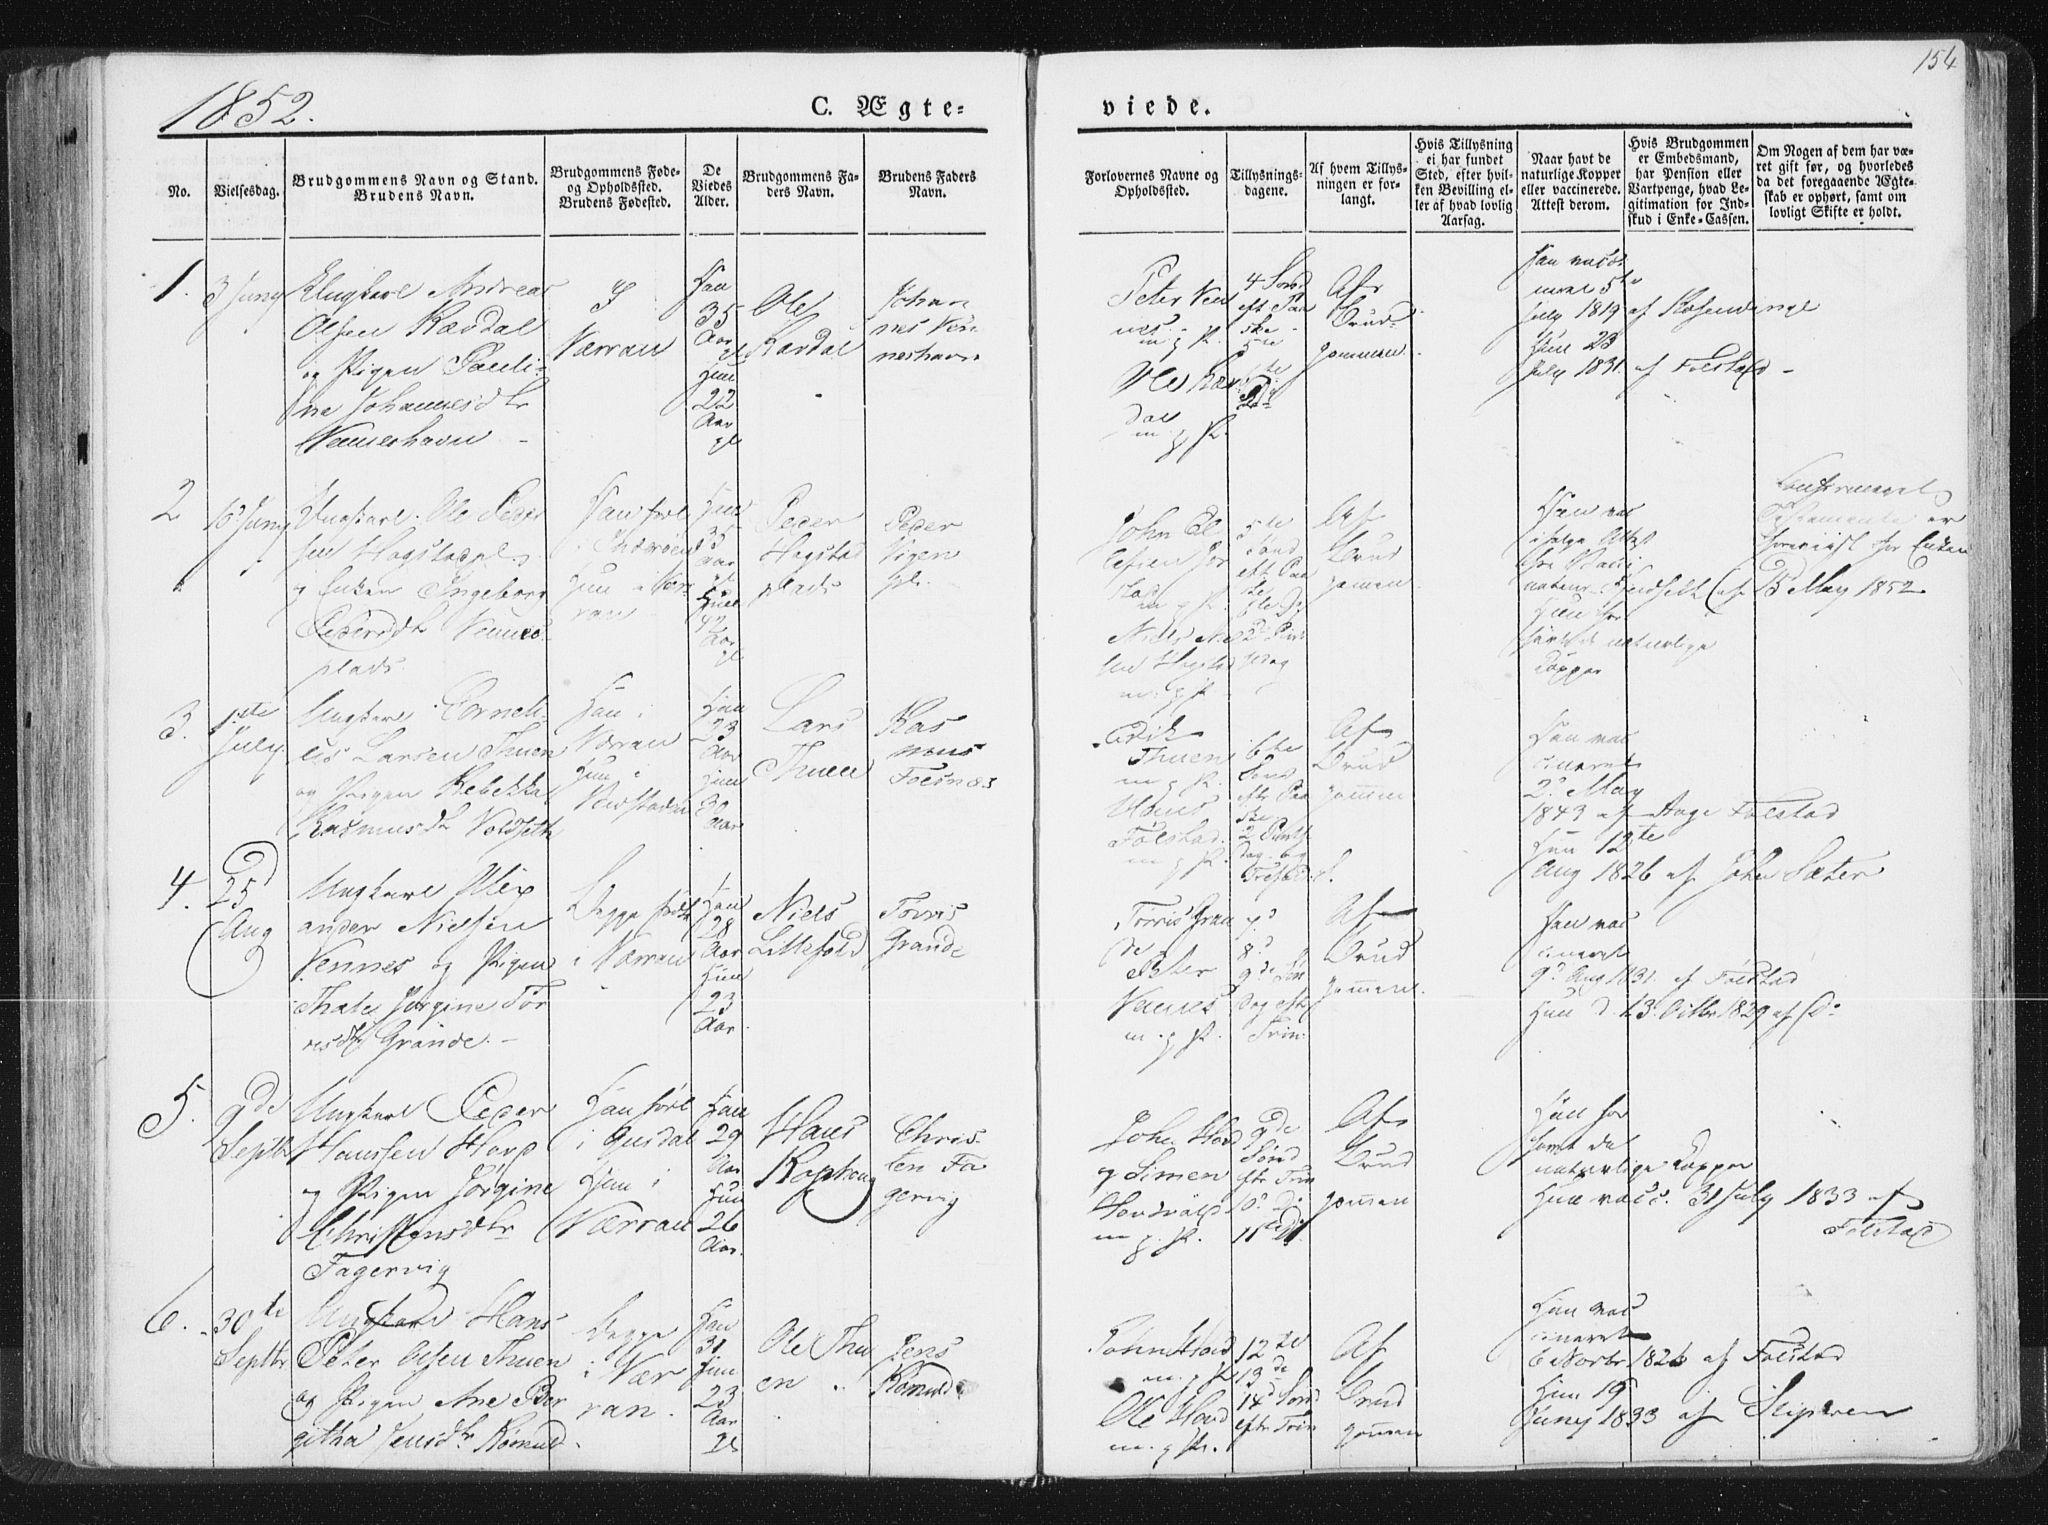 SAT, Ministerialprotokoller, klokkerbøker og fødselsregistre - Nord-Trøndelag, 744/L0418: Ministerialbok nr. 744A02, 1843-1866, s. 154